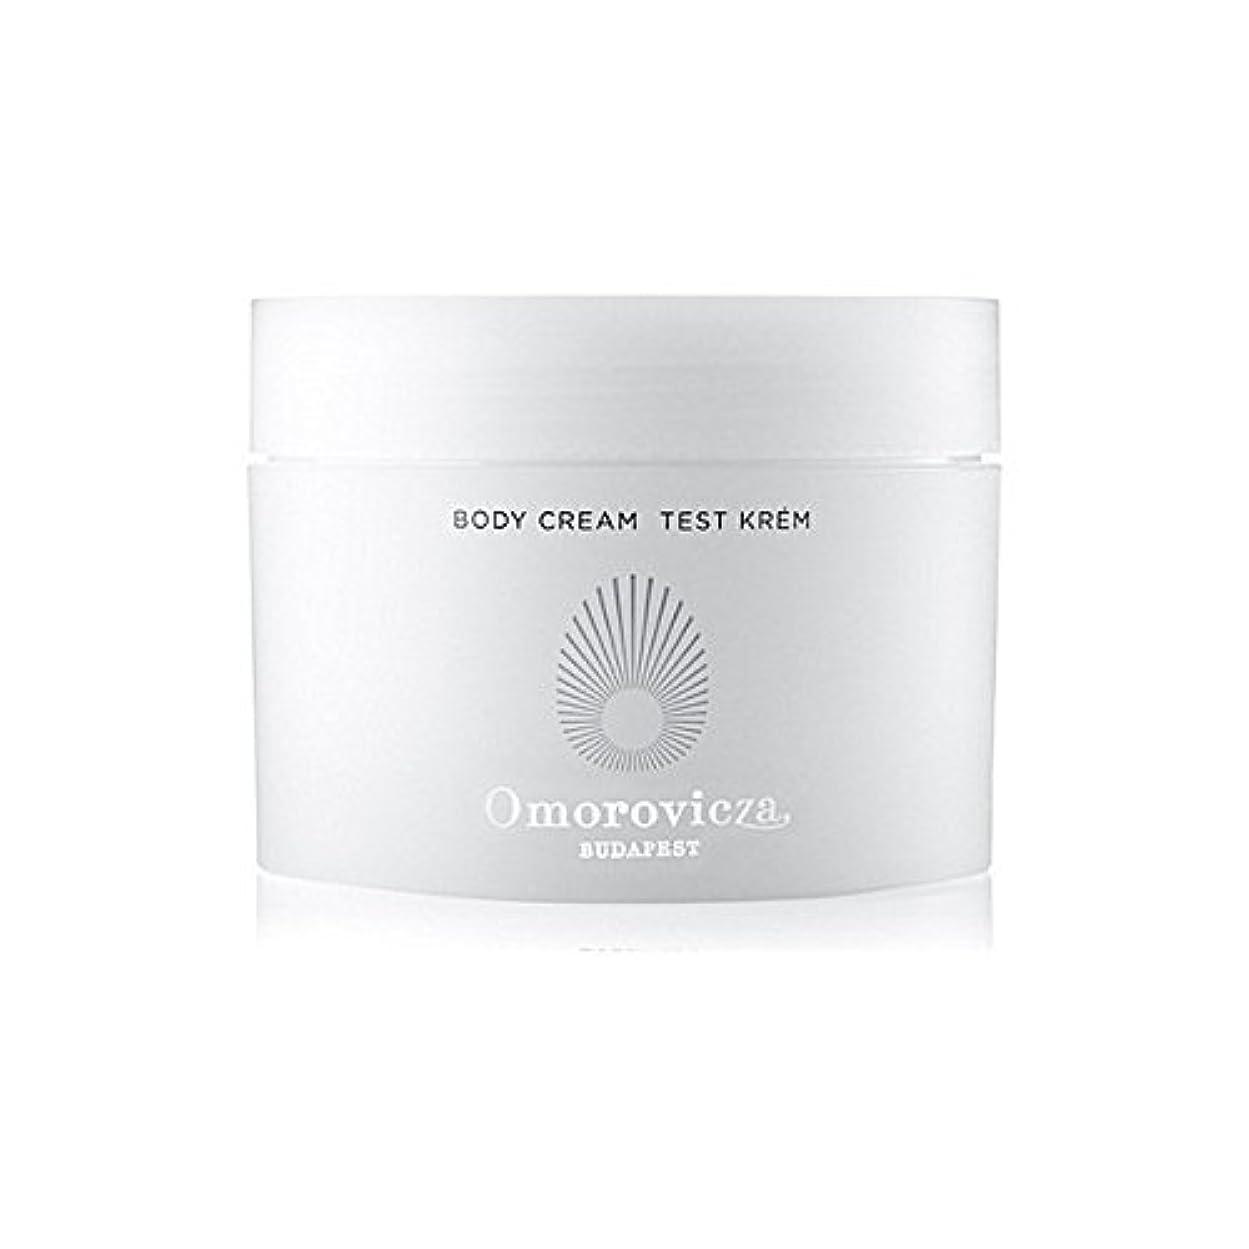 Omorovicza Body Cream 150ml (Pack of 6) - ボディクリーム150ミリリットル x6 [並行輸入品]